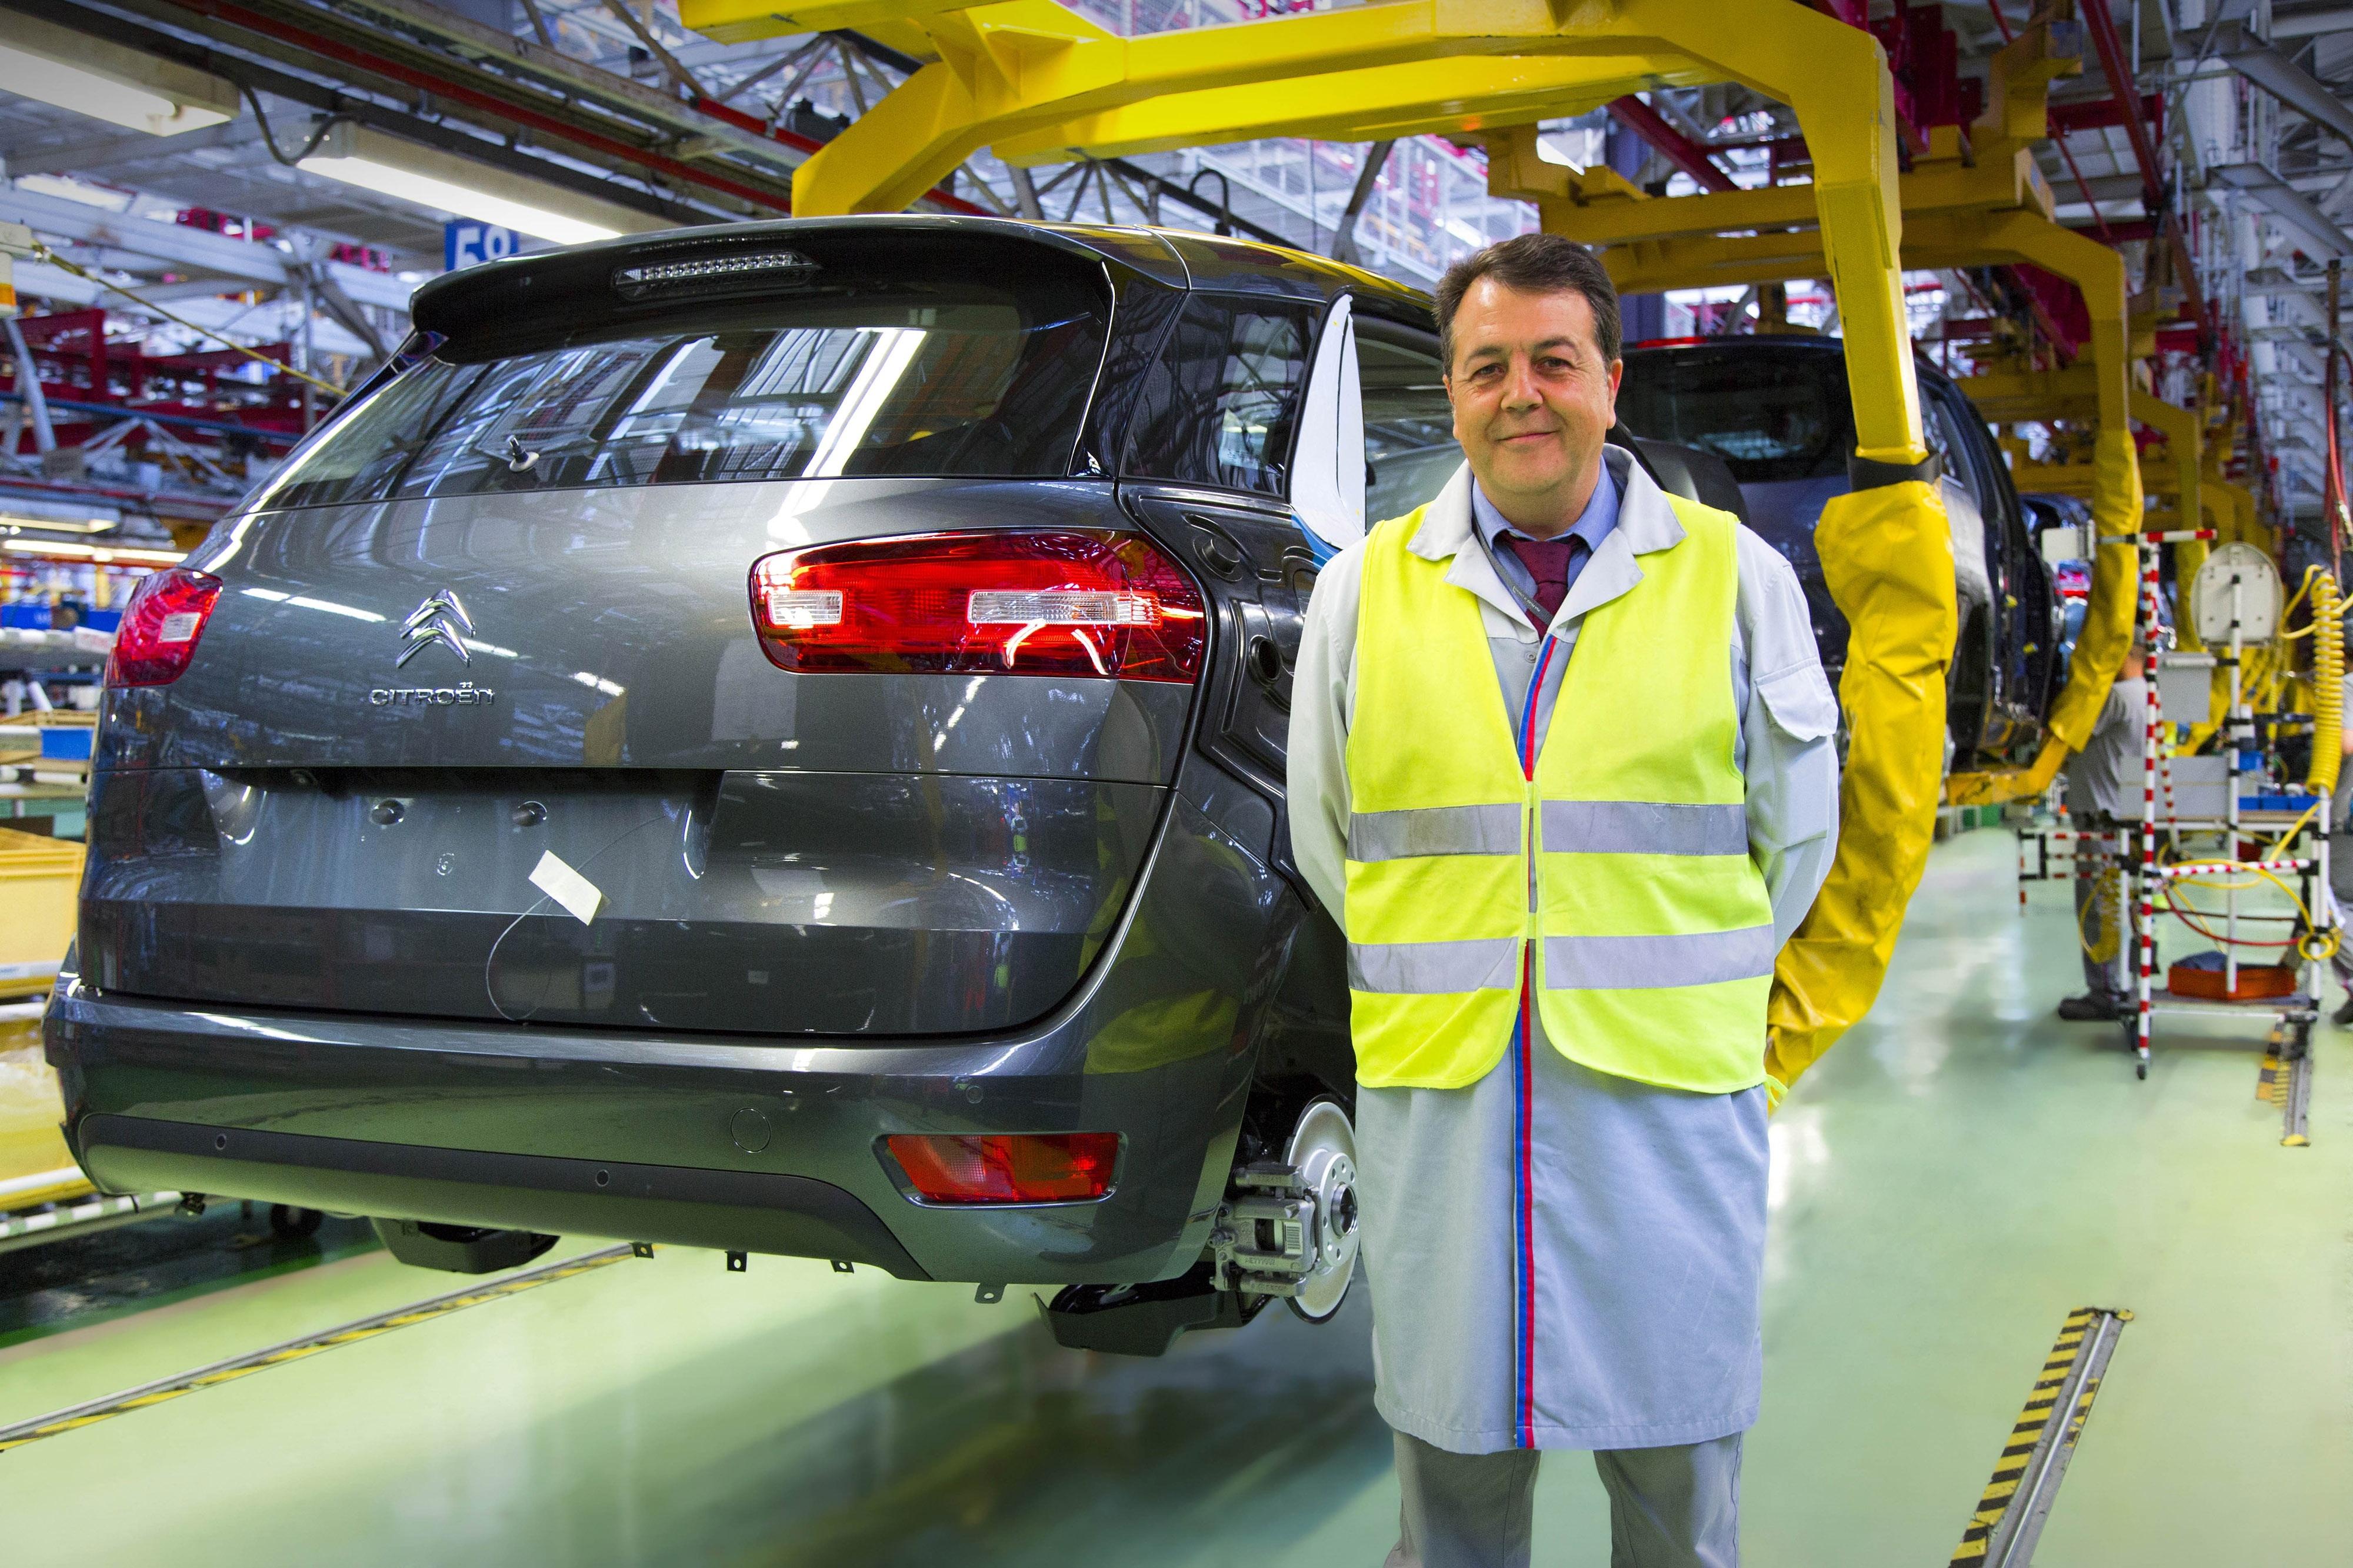 La producción anual del nuevo Citroën C4 Picasso en Vigo alcanzará 150.000 unidades